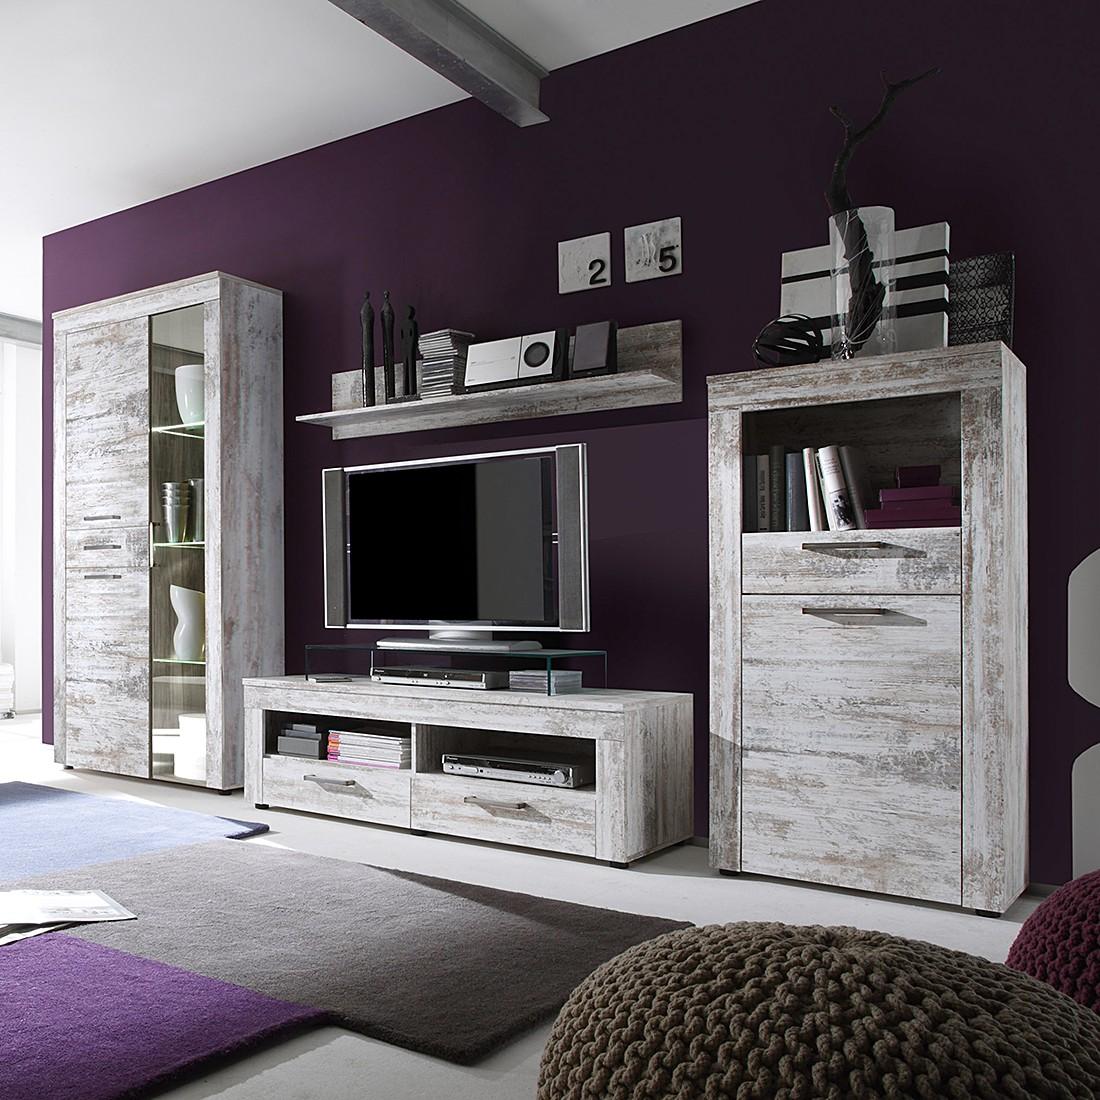 EEK A+, Ensemble de meubles TV Gola - Avec éclairage - Blanchi à la chaux, Trendteam